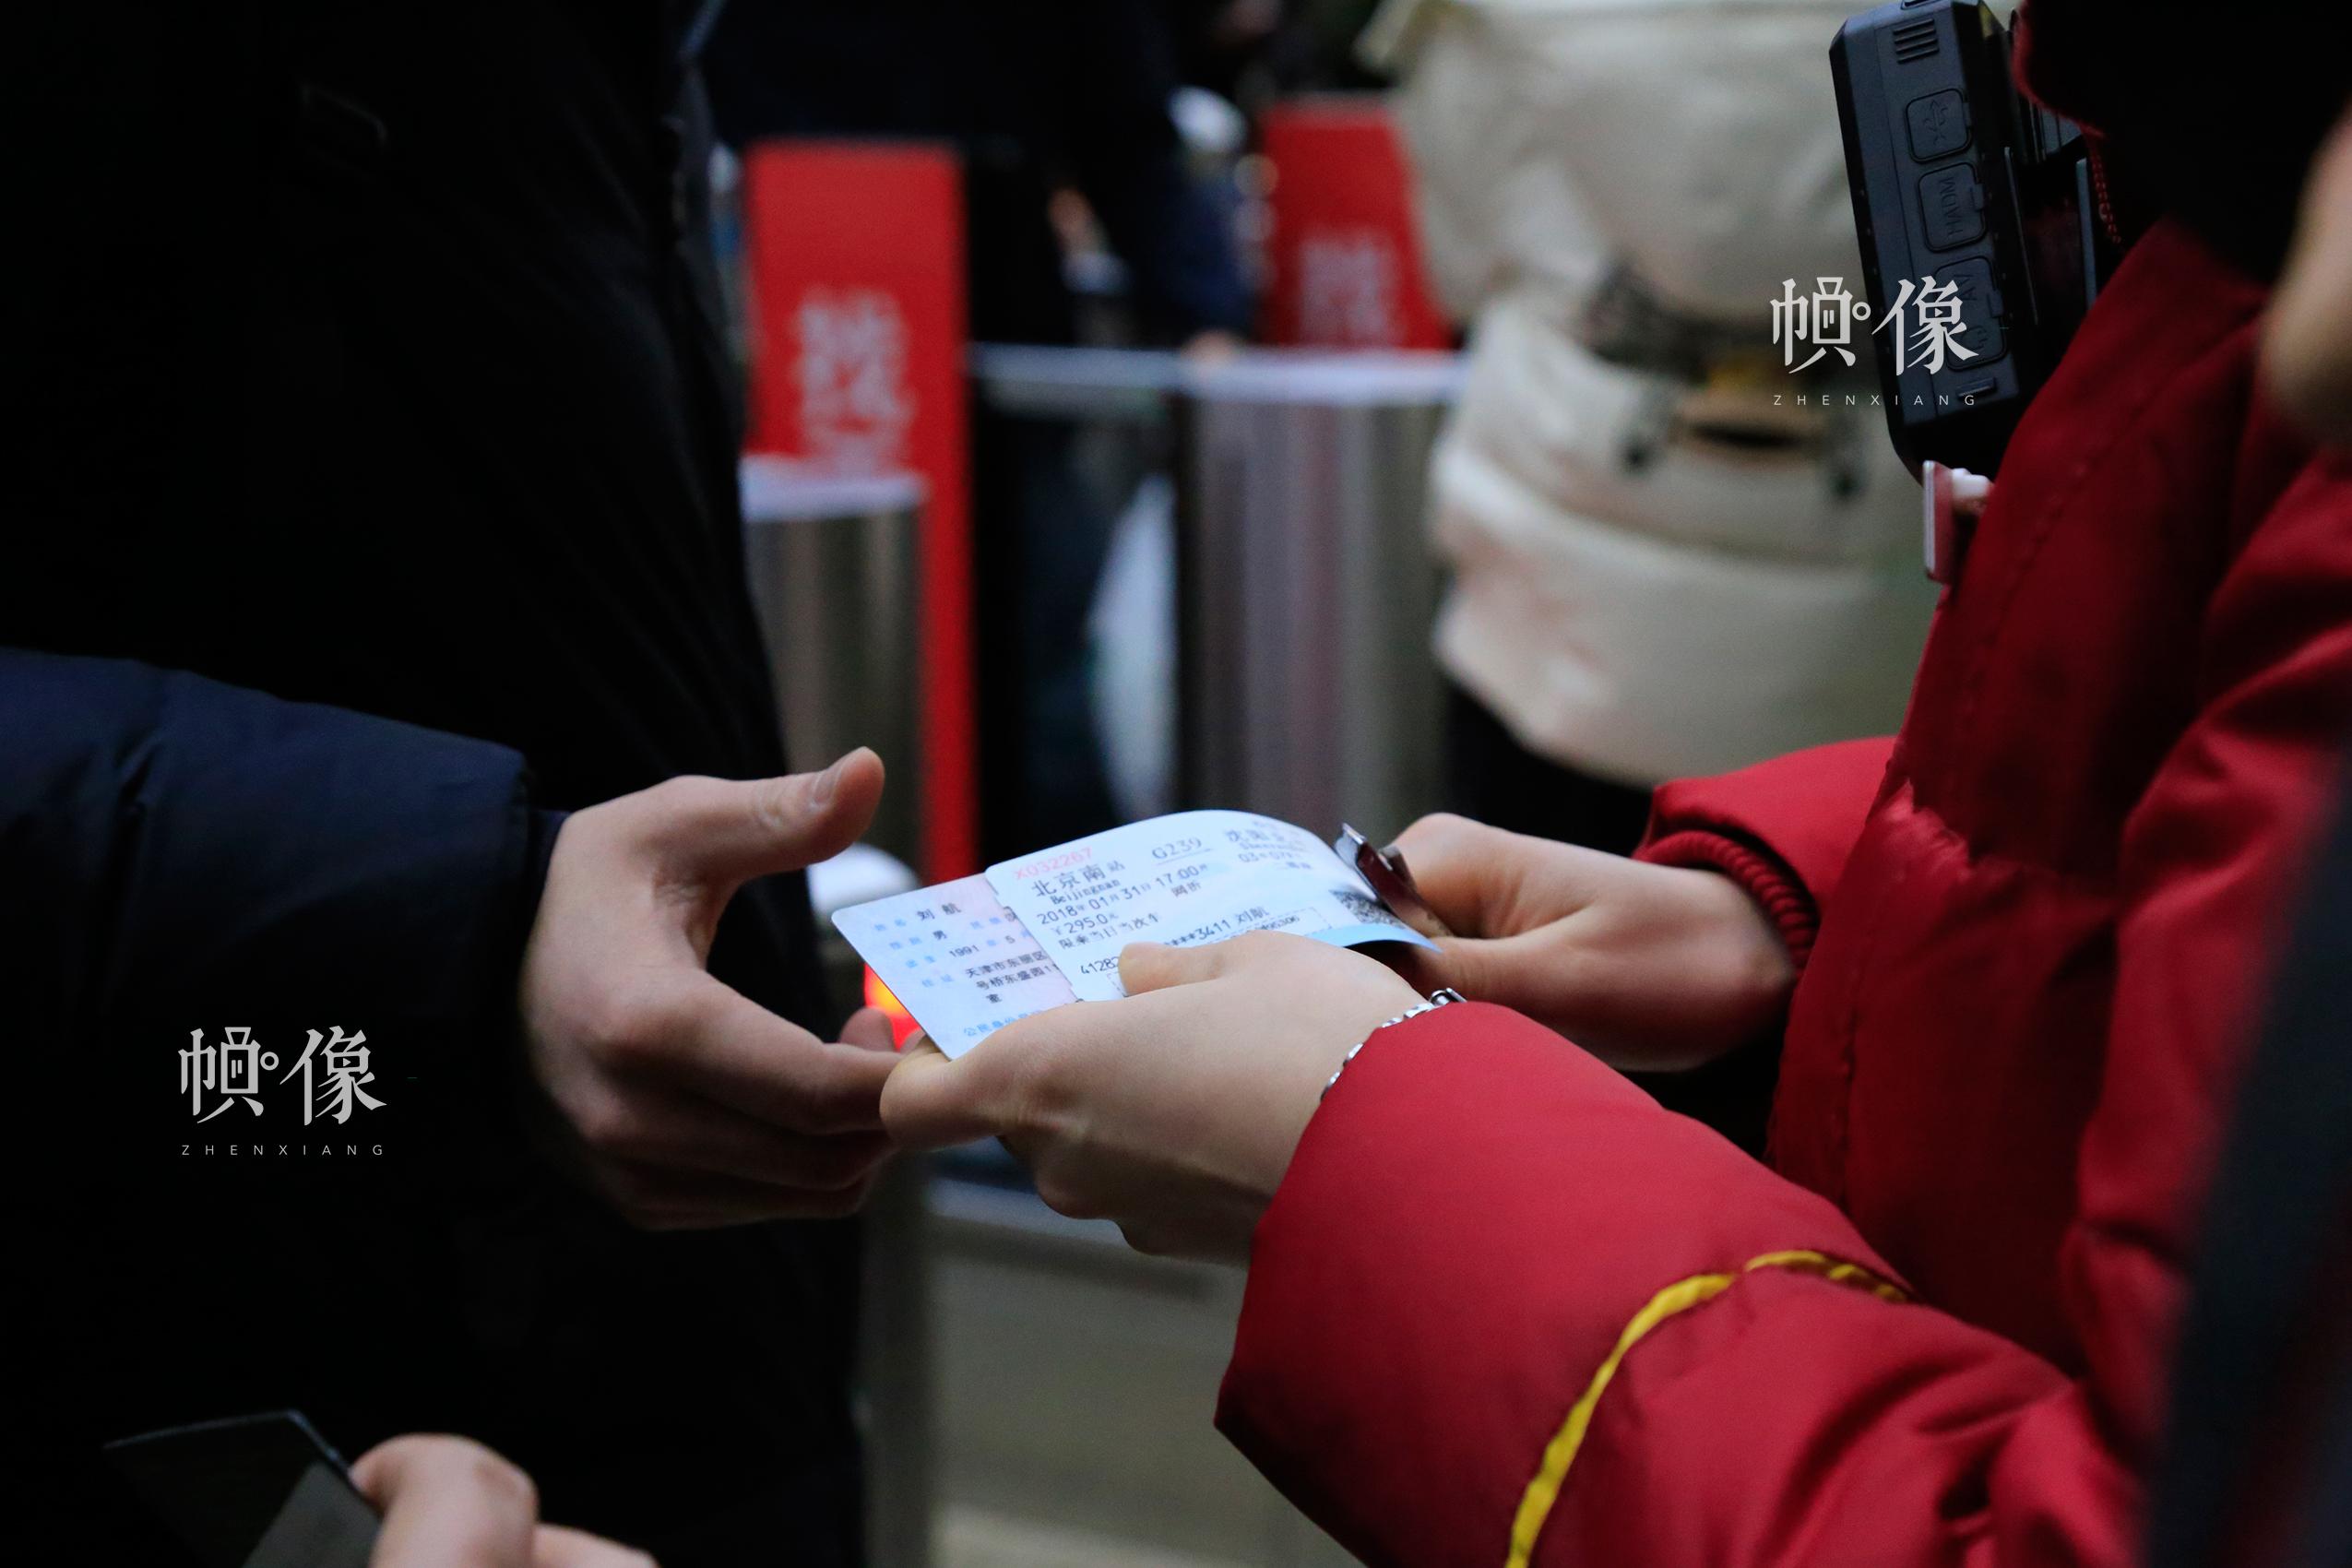 北京南站某检票口前,工作人员手动检票。中国网实习记者 韩依 摄